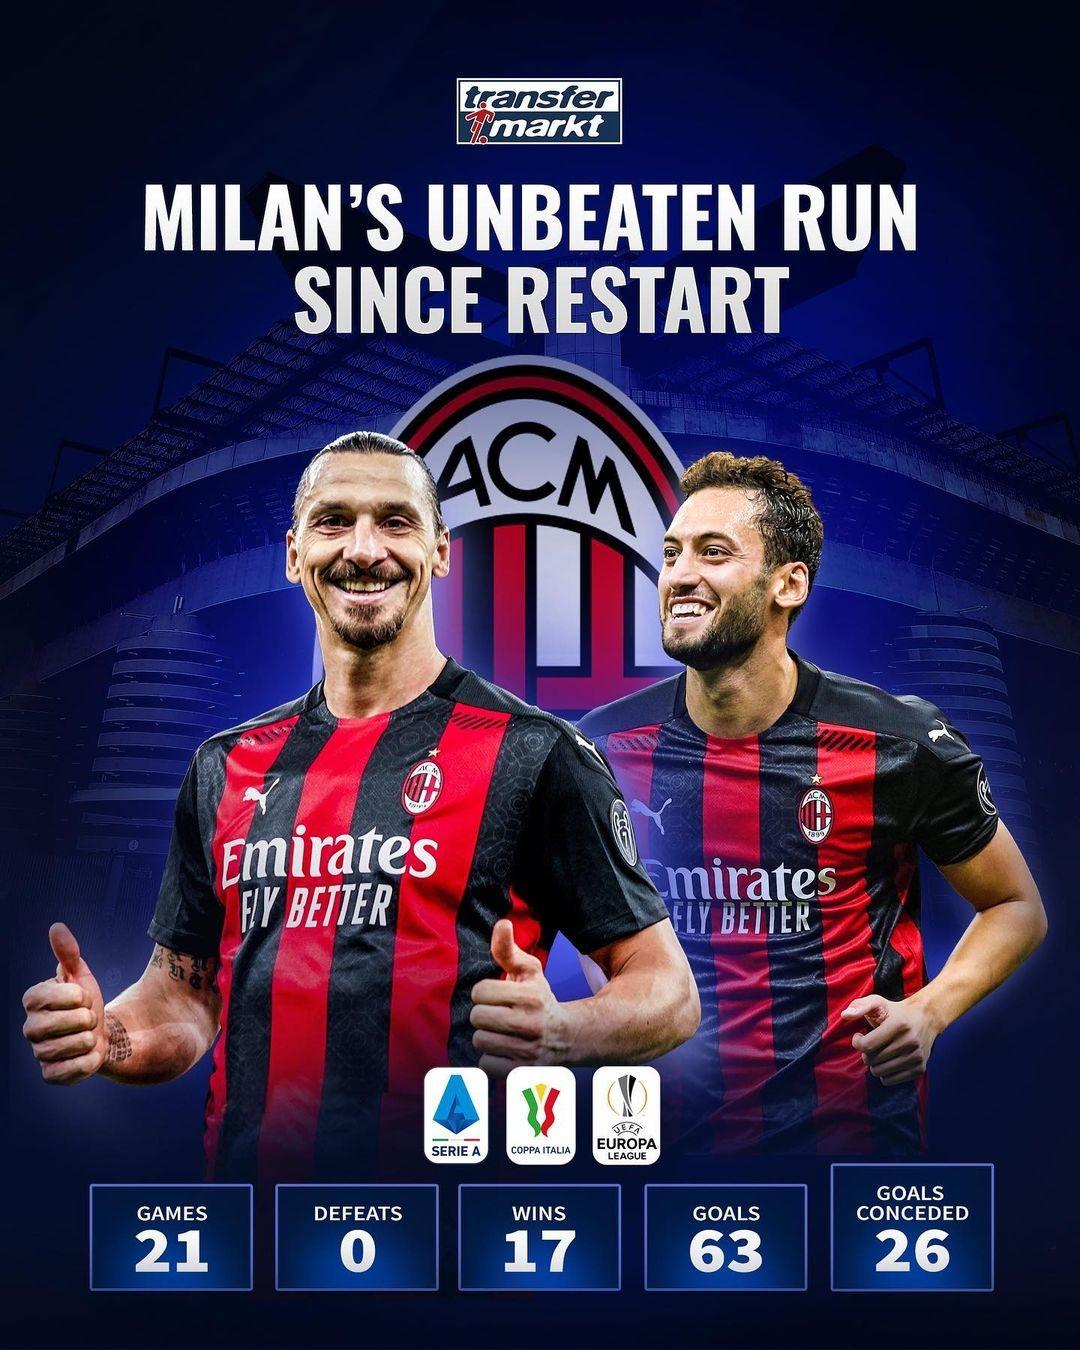 复赛以来坚持不败,米兰21场比赛取得17场成功